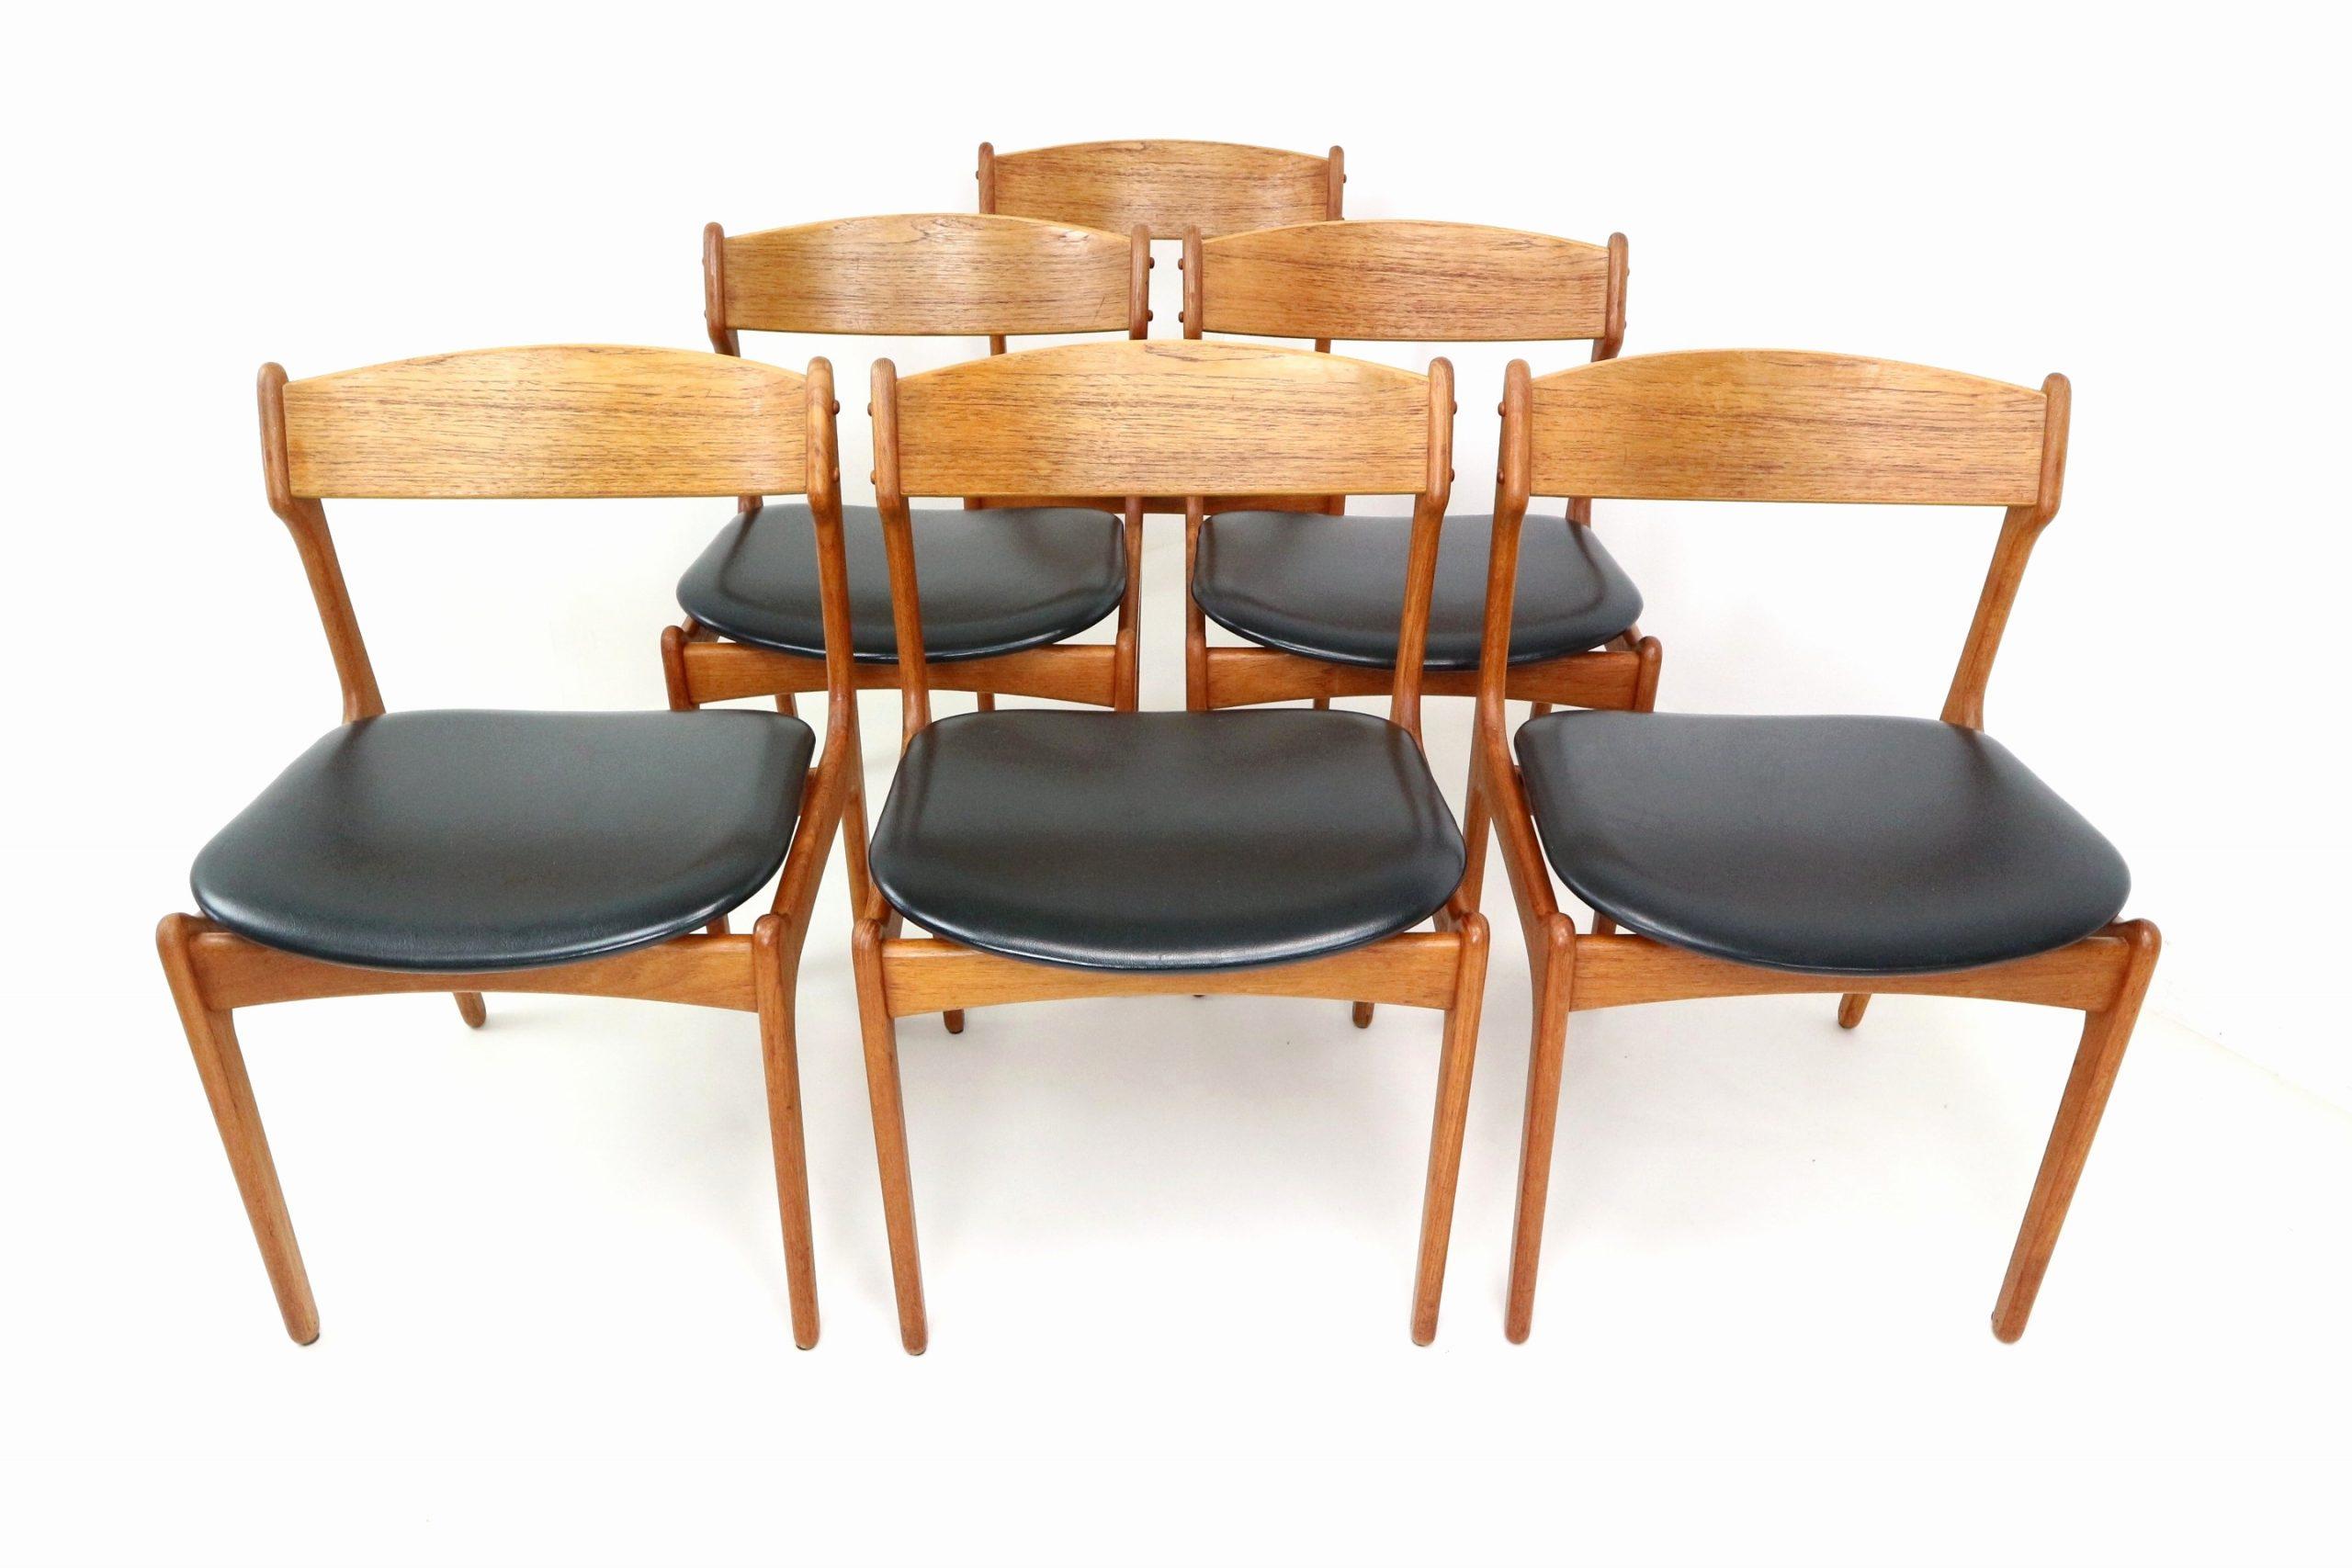 Table Pliante Nouveau De Carrefour Spuvqzm Chaise Jardin ... intérieur Table Et Chaise De Jardin Carrefour